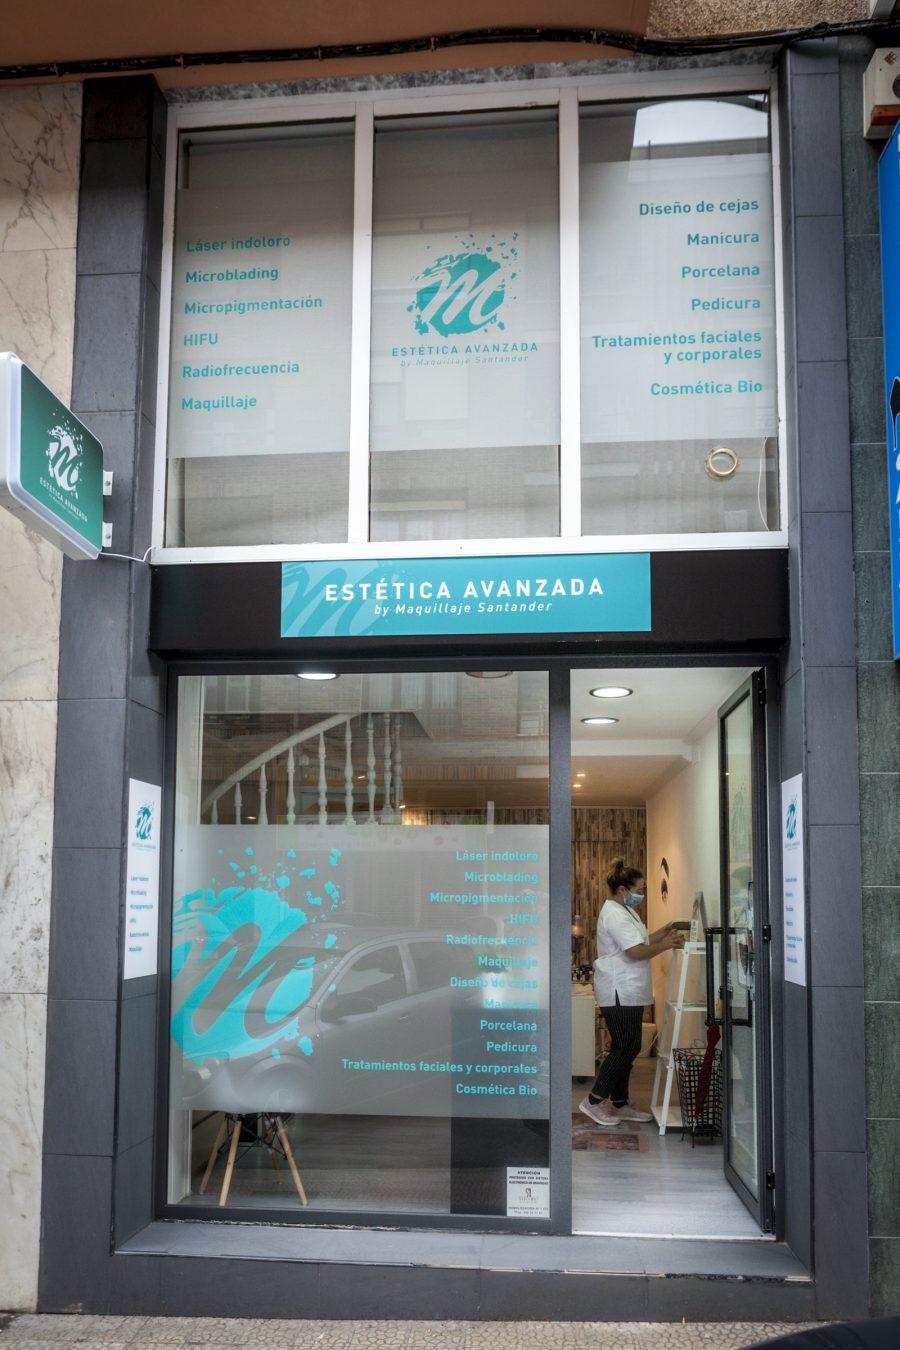 Estética Avanzada By Maquillaje Santander